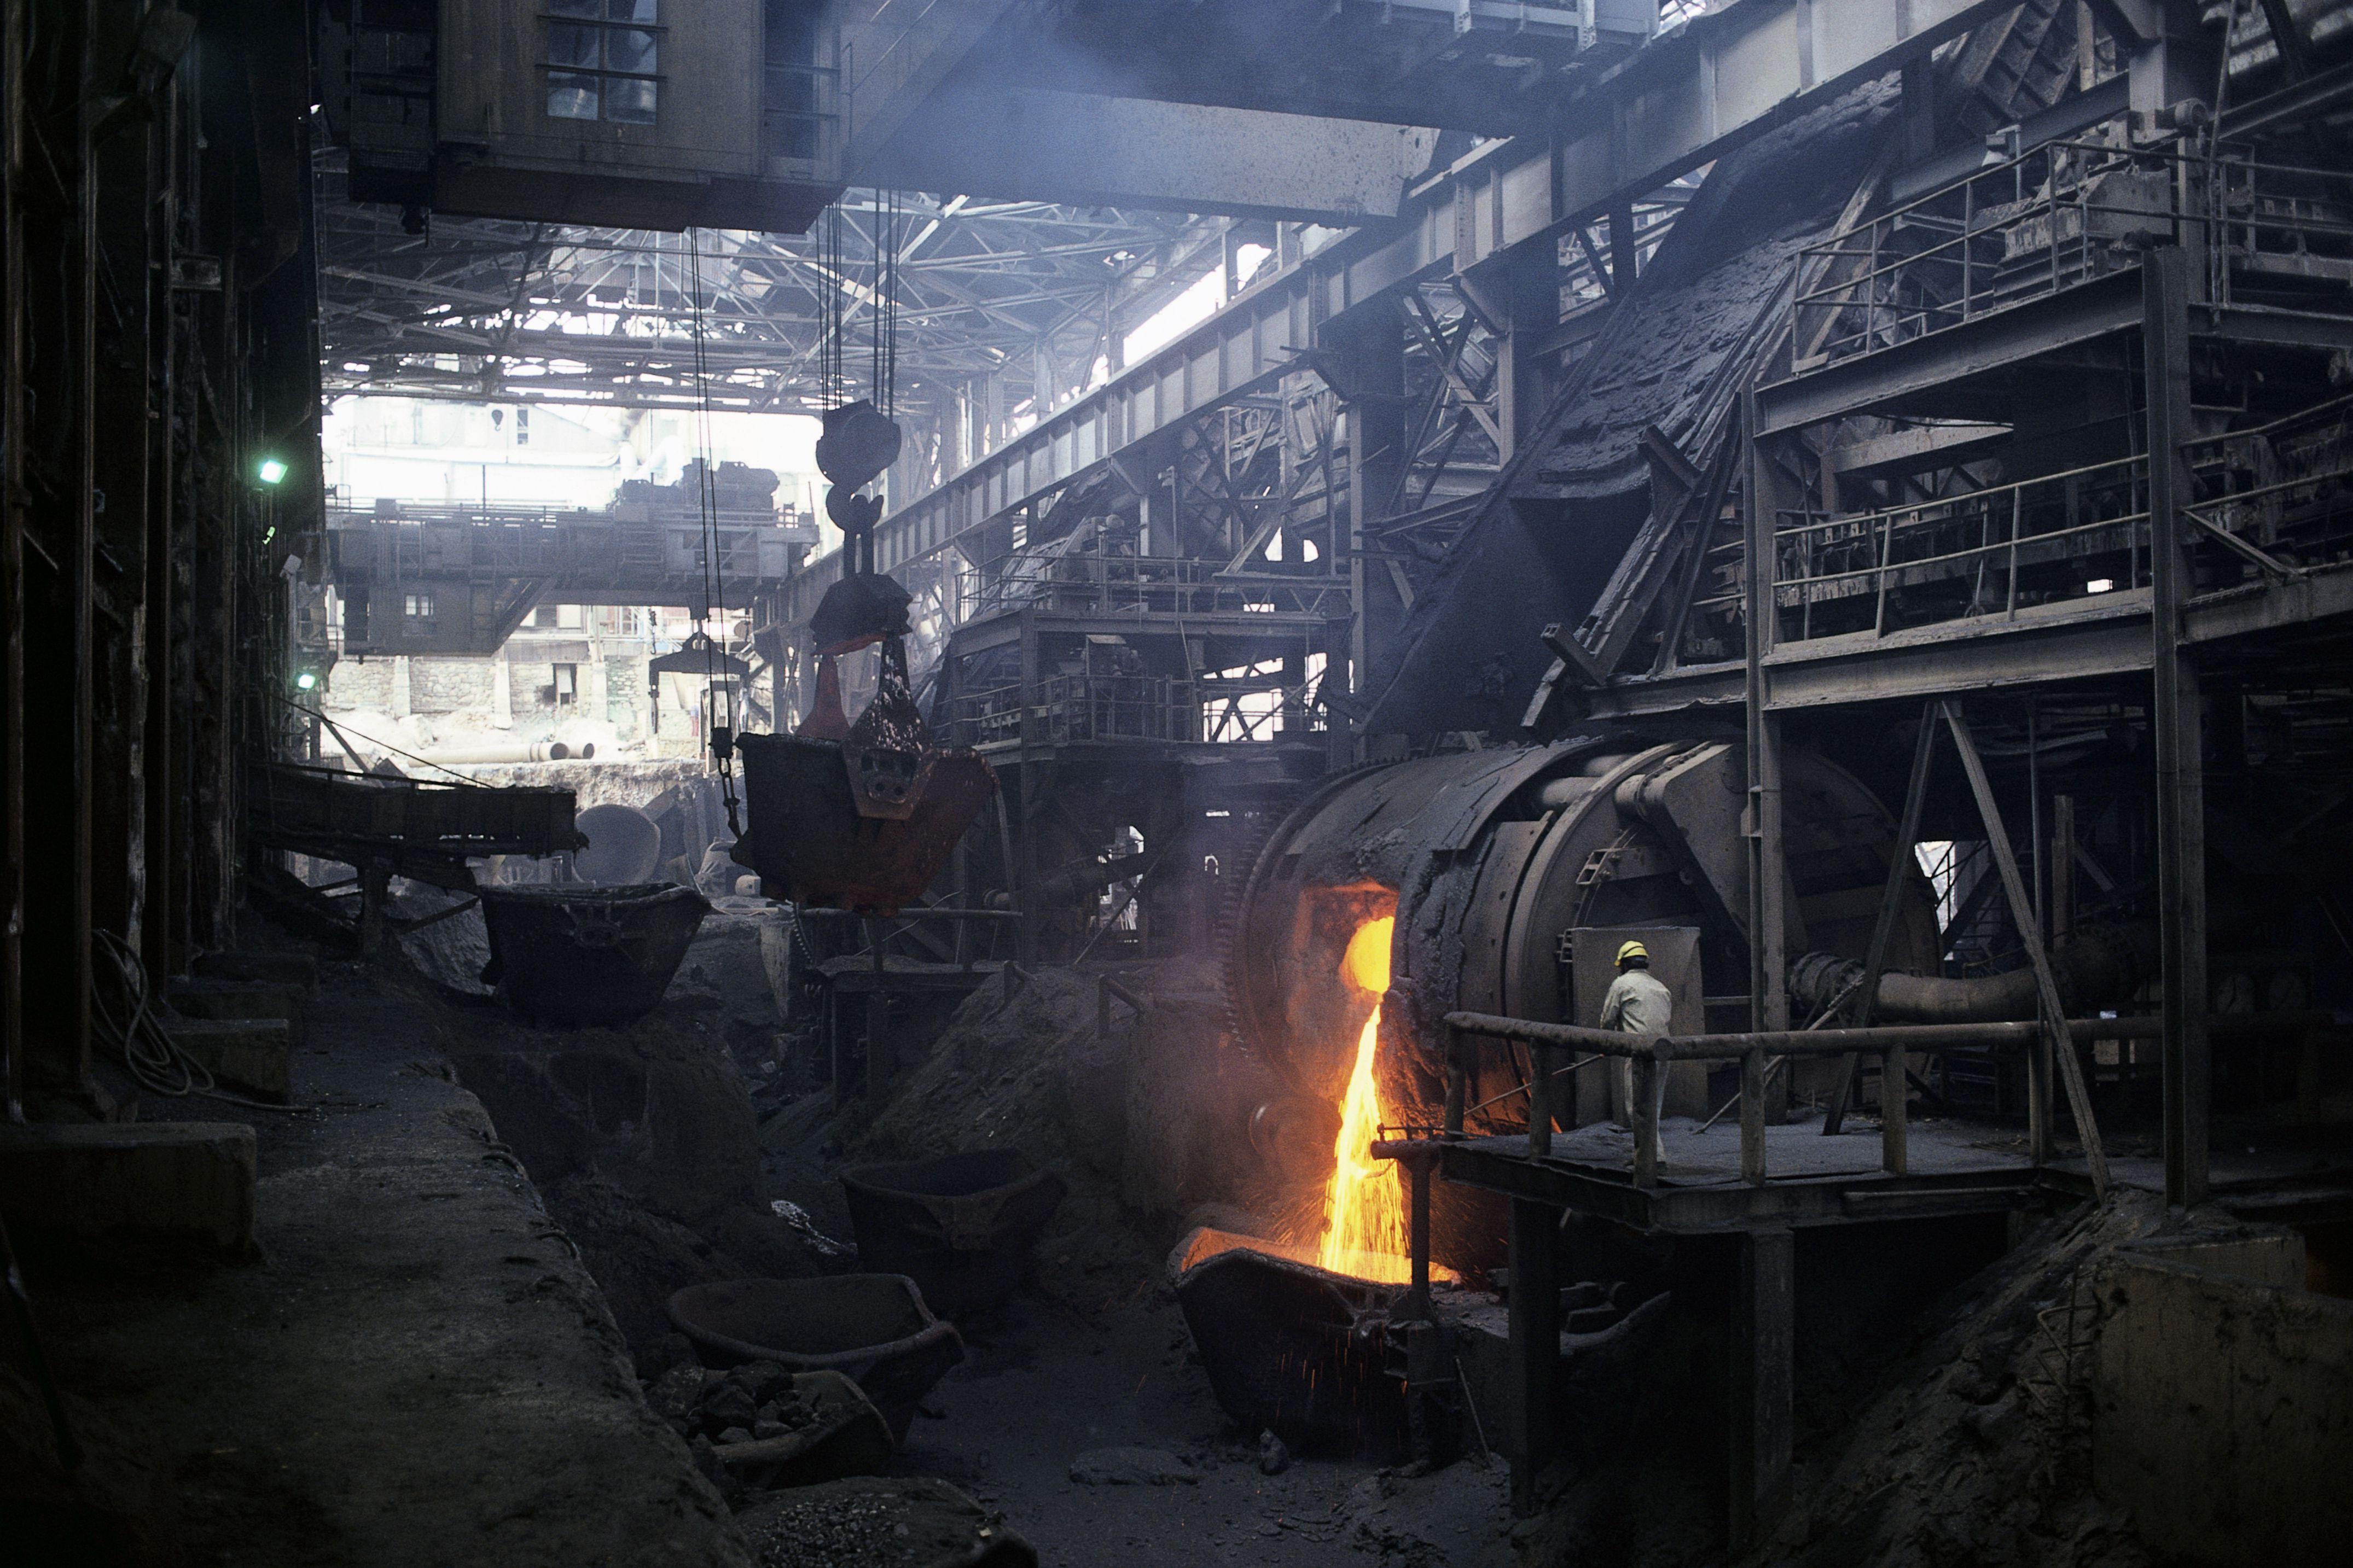 Cananea Copper Mine's smelter